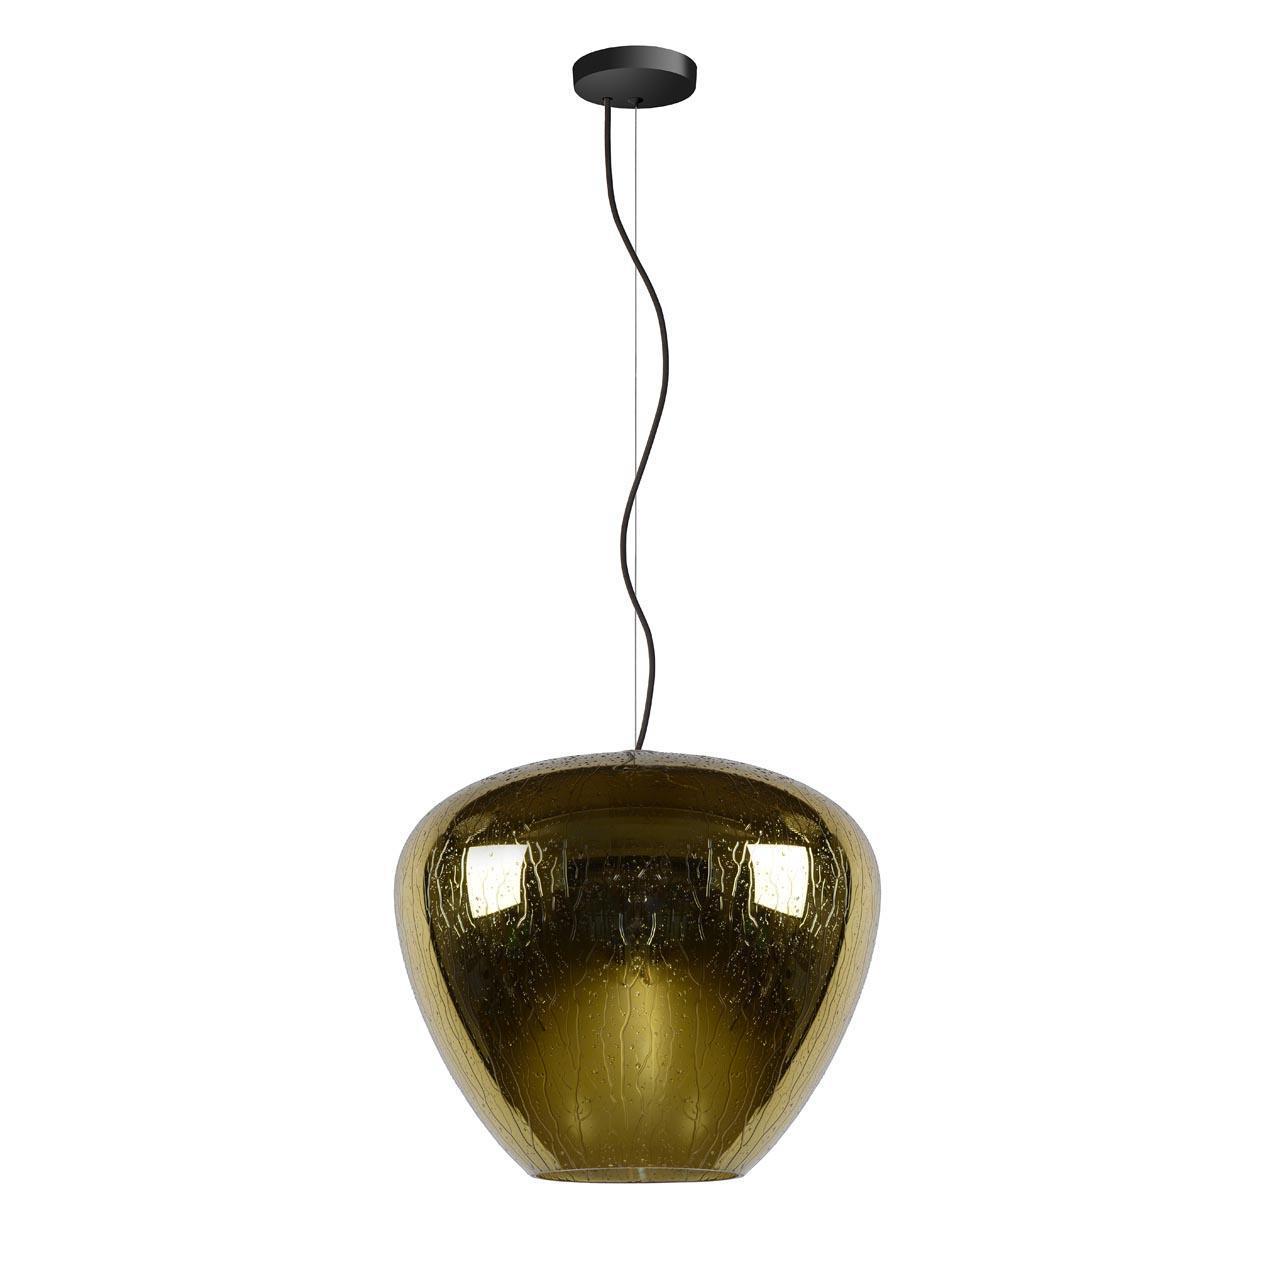 Подвесной светильник Lucide Soufian 70478/40/01 lucide подвесной светильник lucide dumont 71342 40 41